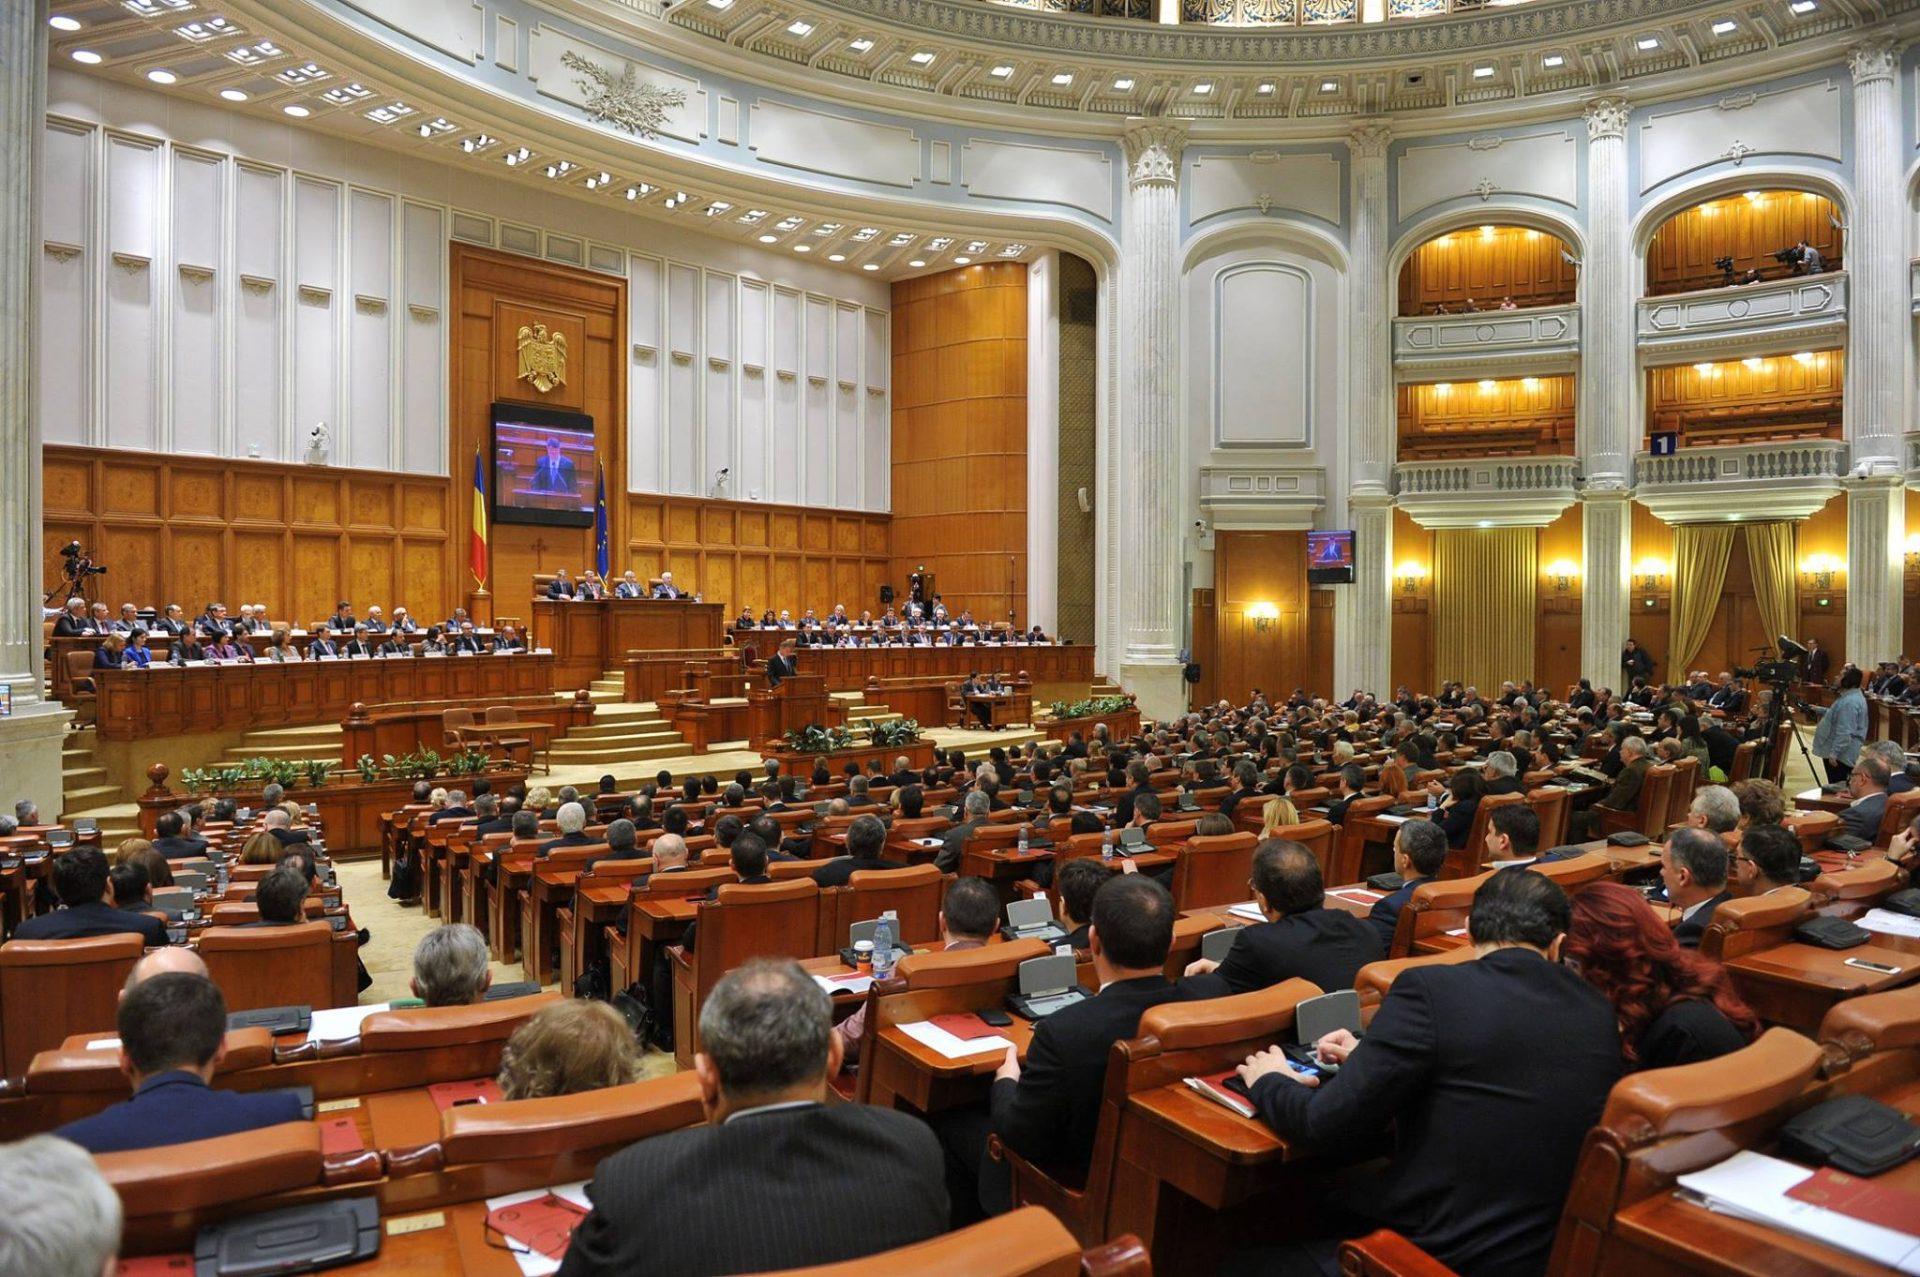 Parlamentul a demis-o pe șefa CNA, Monica Gubernat, prin respingerea raportului de activitate pe 2020